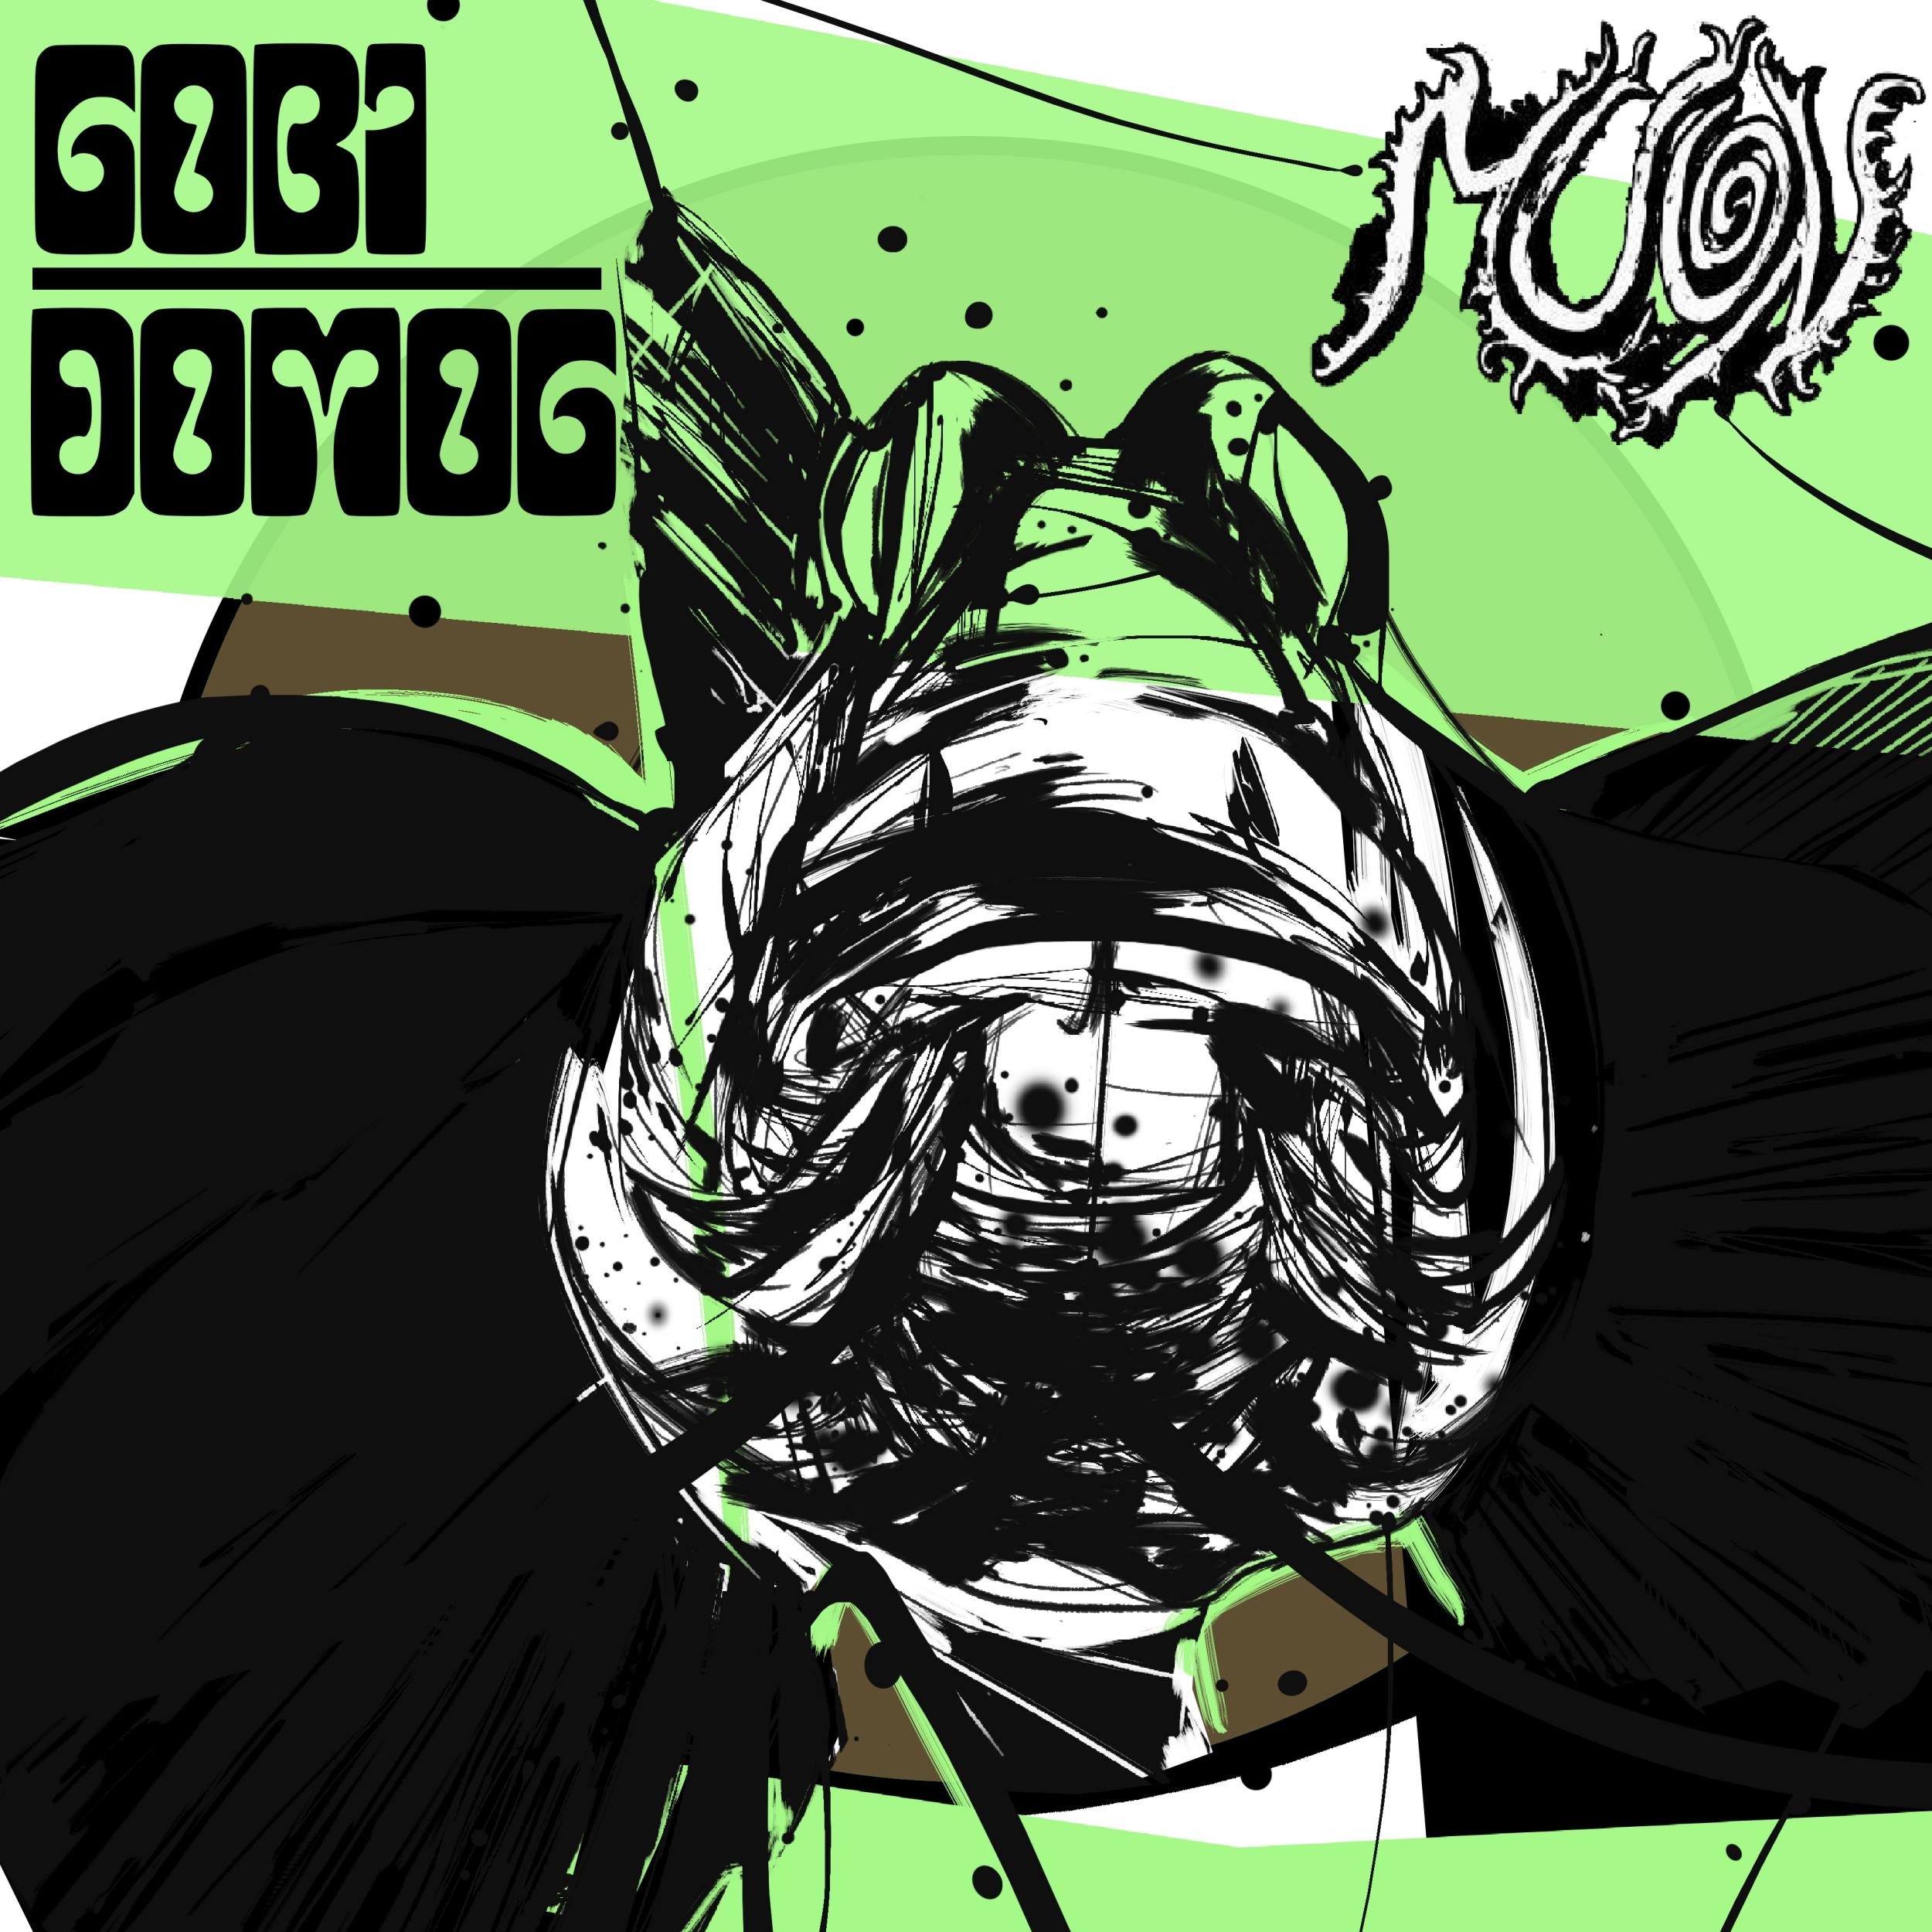 Copertina: Gobi Domog della band Muon 1 - fanzine